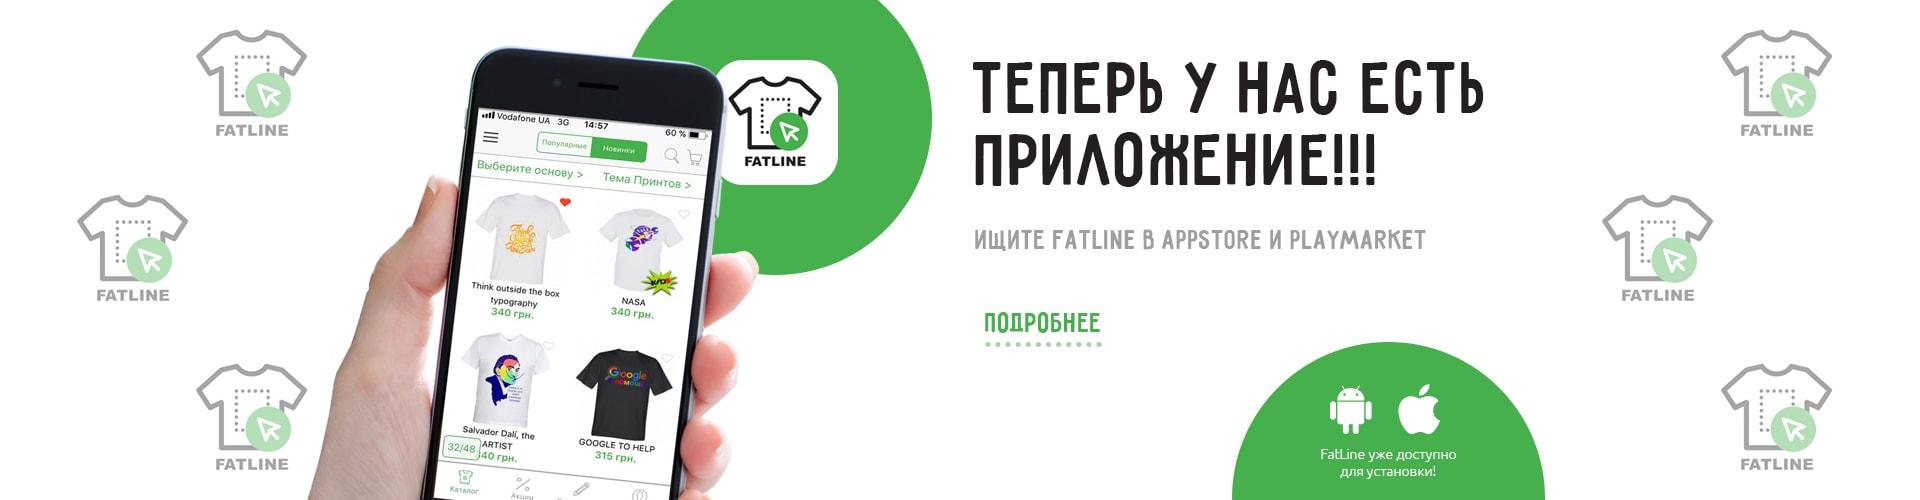 slider-banner-app